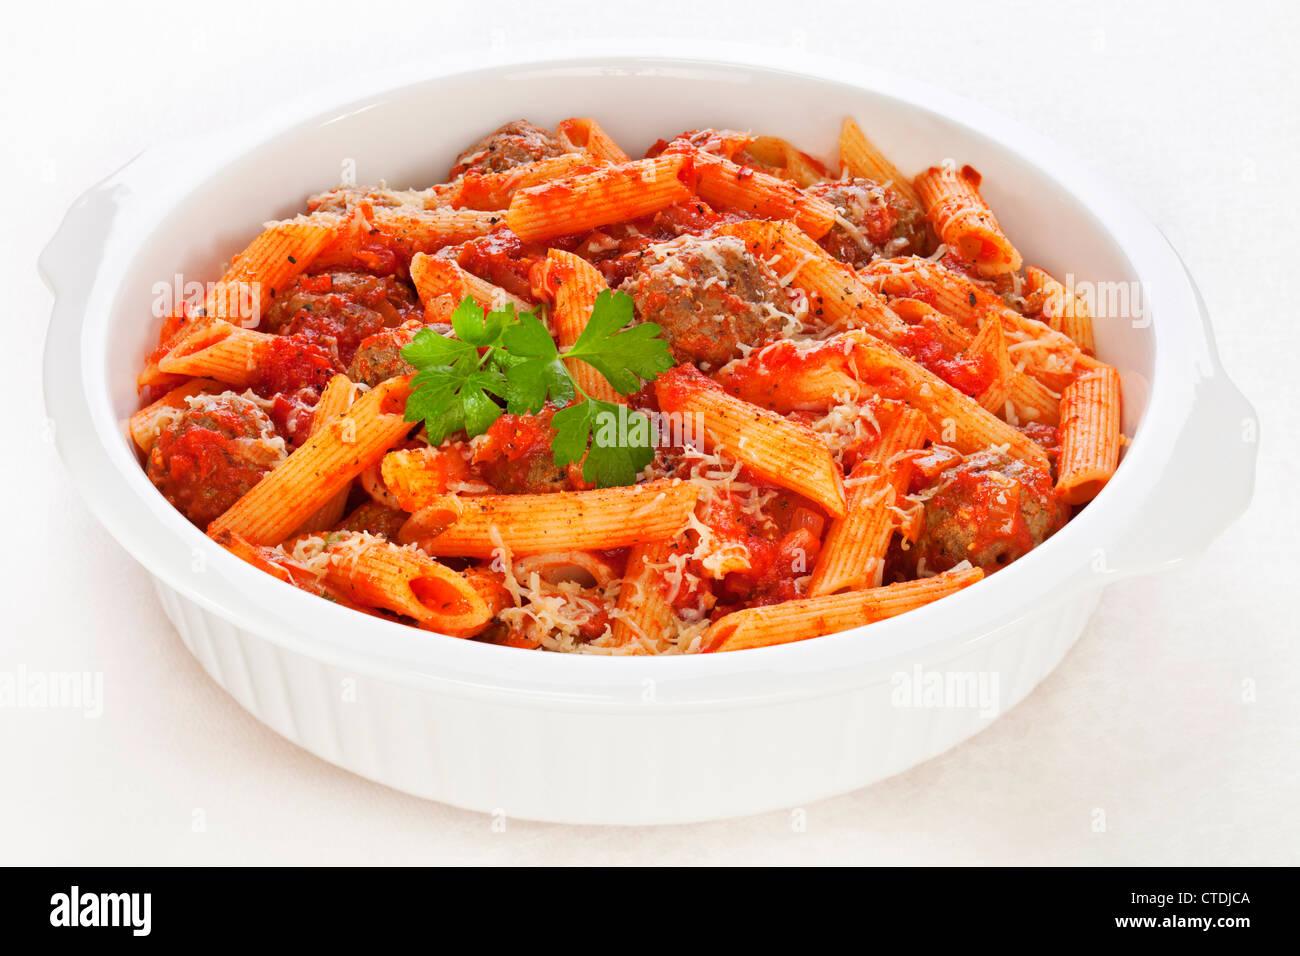 Des boulettes de viande en sauce tomate avec des pâtes penne et parmesan, cuits au four. Photo Stock